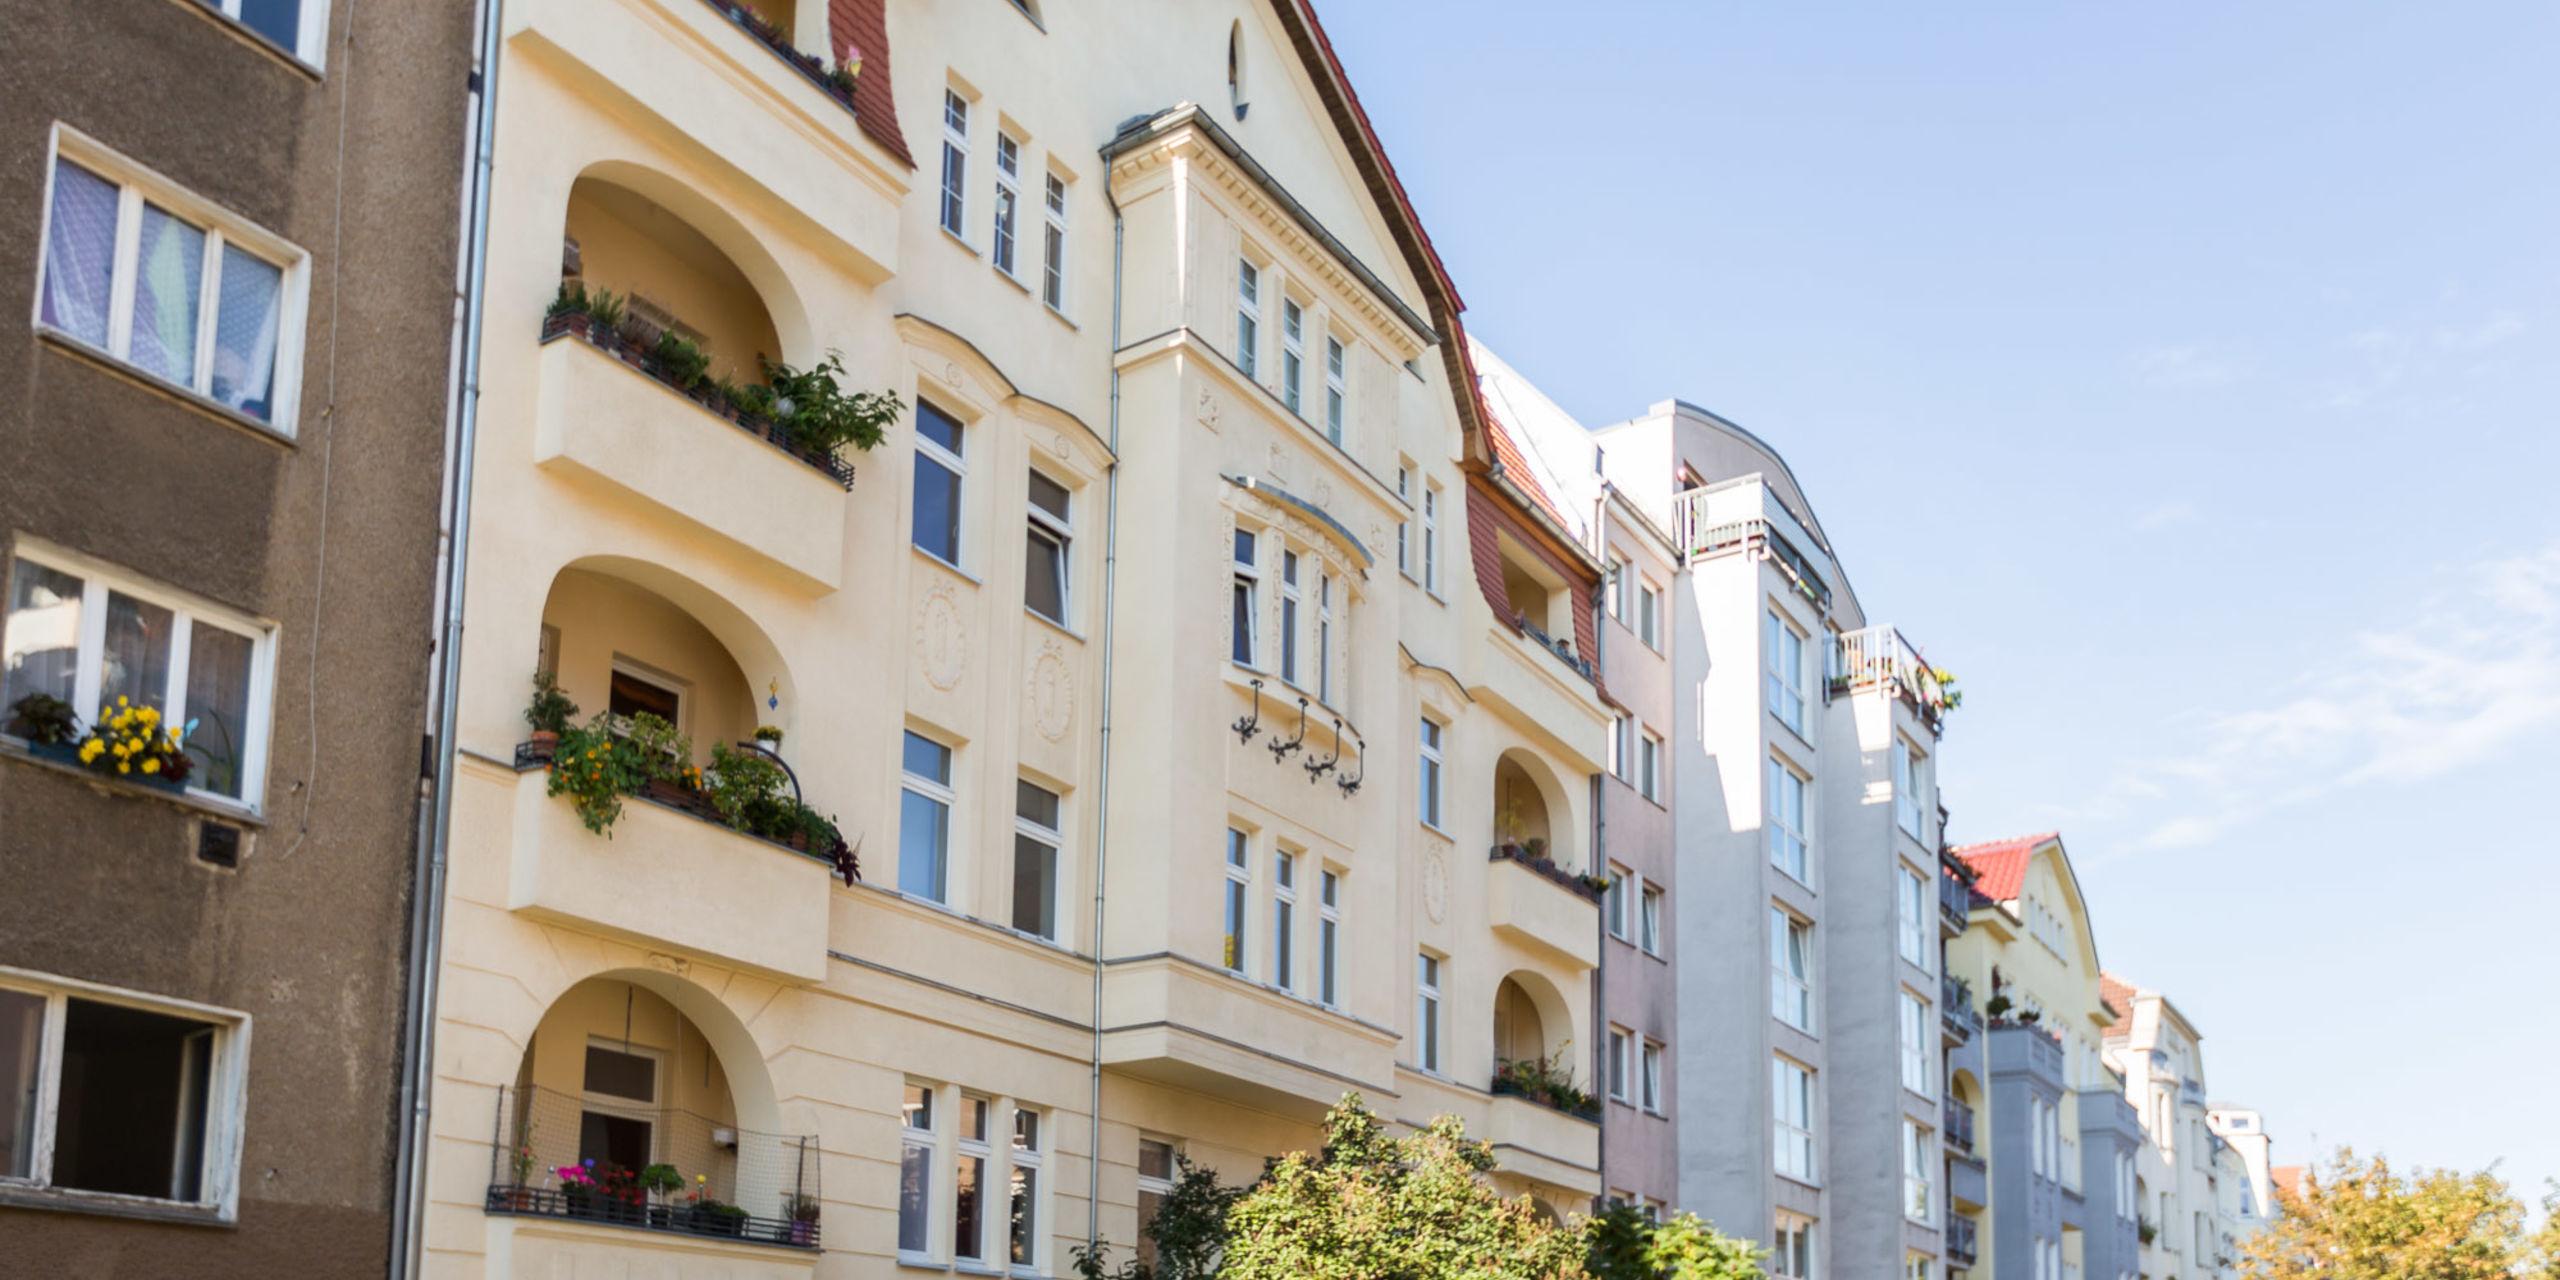 Luxuswohnungen Berlin hausverwaltung bauriedel wohnungen mieten in berlin